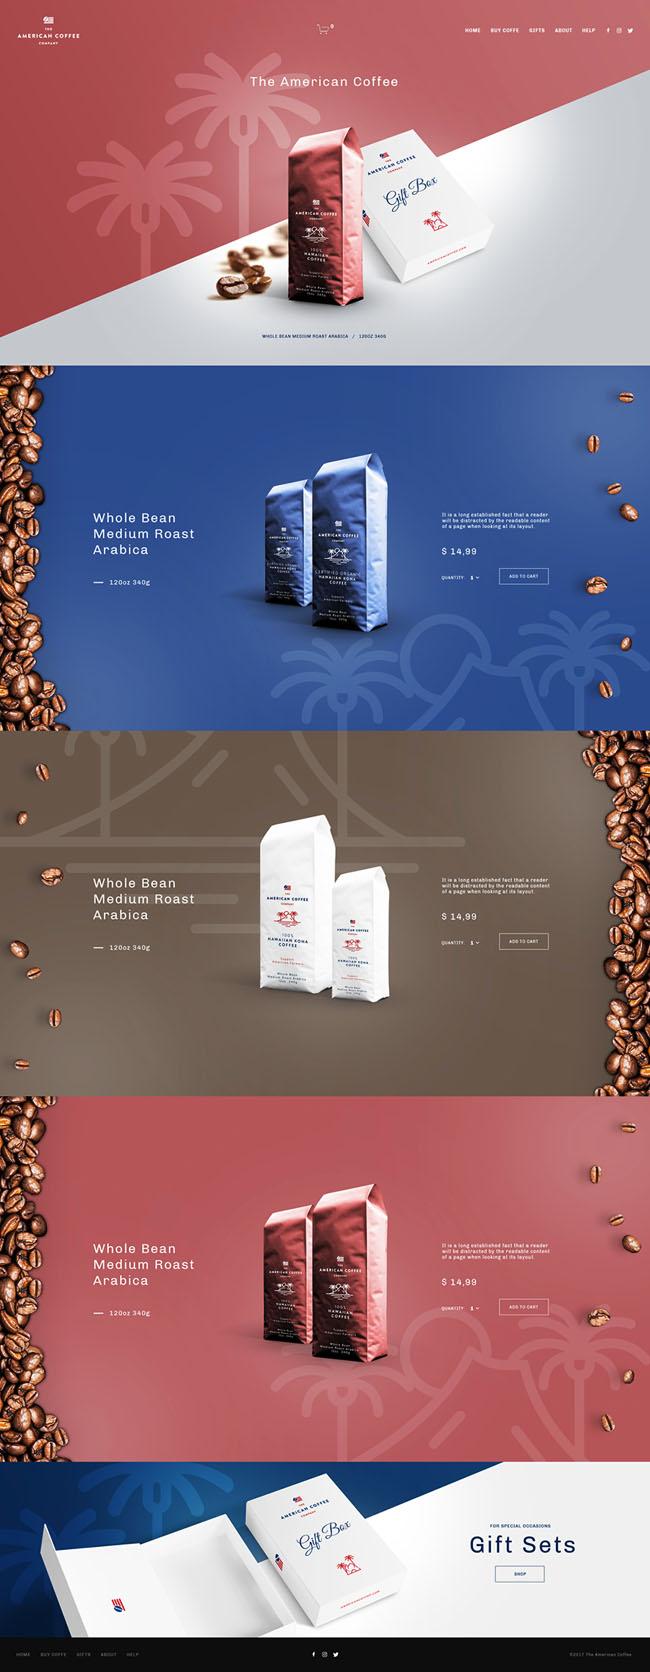 国外American Coffee咖啡品牌网页设计欣赏